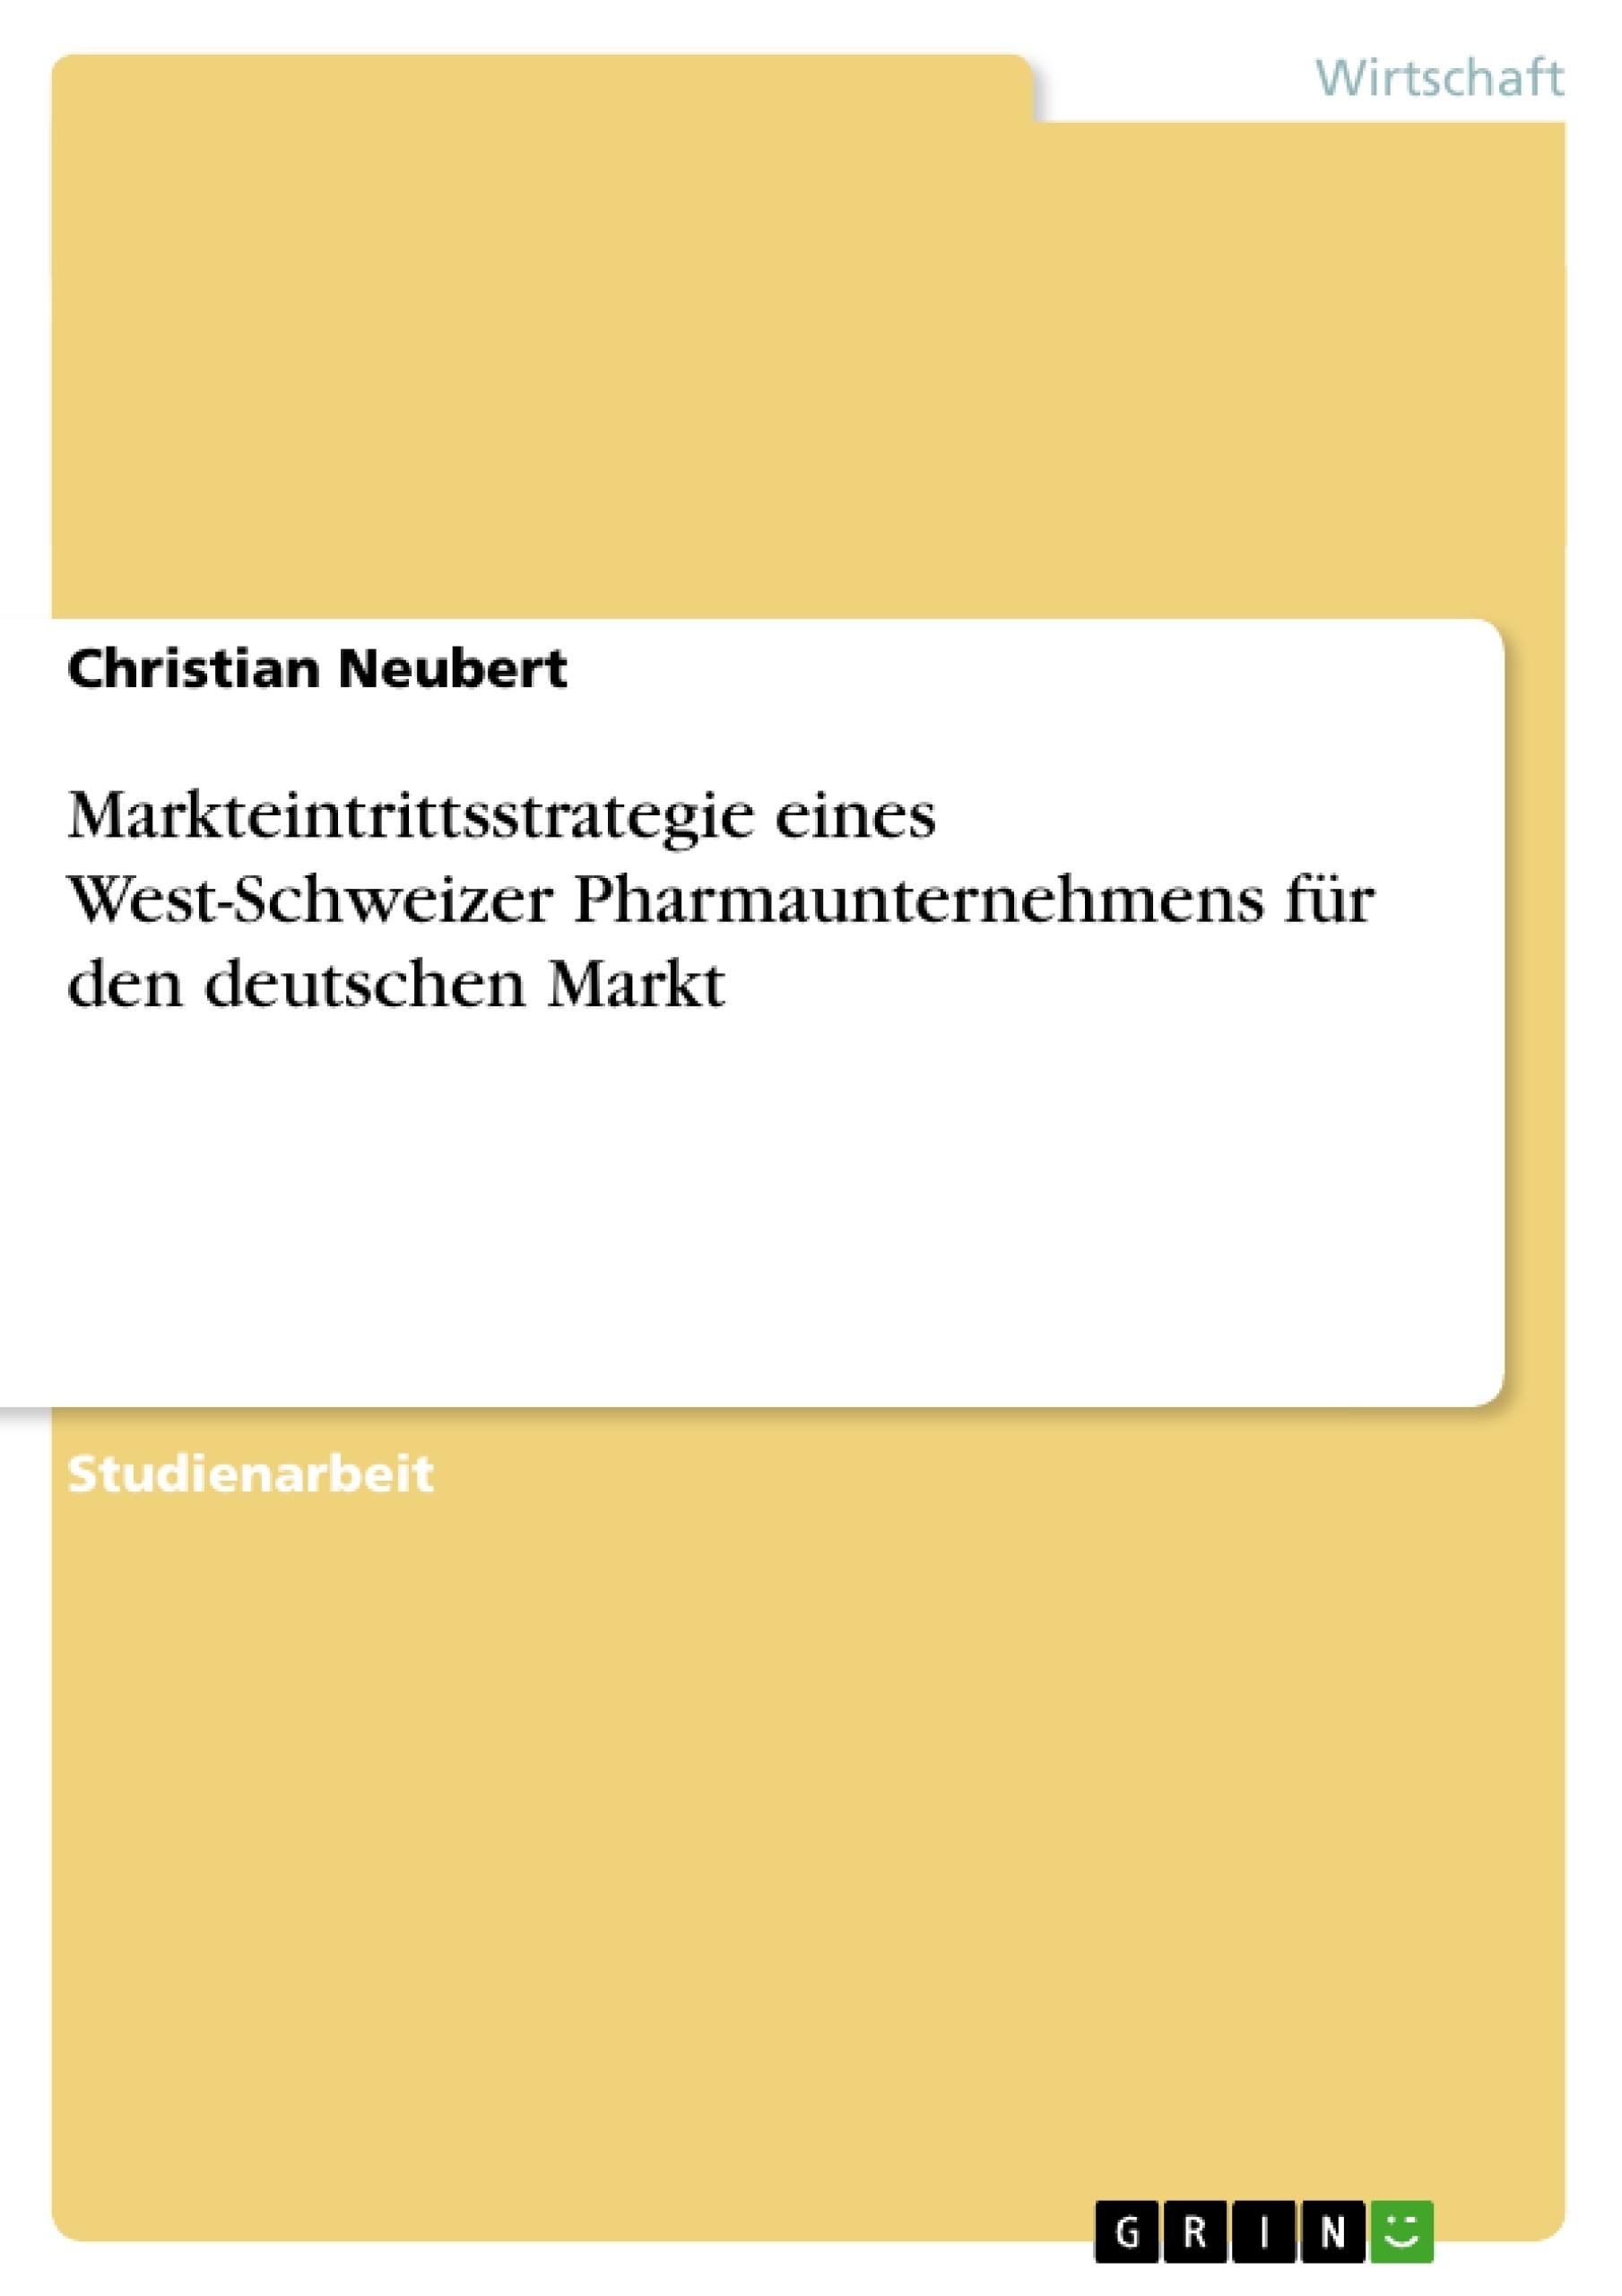 Titel: Markteintrittsstrategie eines West-Schweizer Pharmaunternehmens für den deutschen Markt